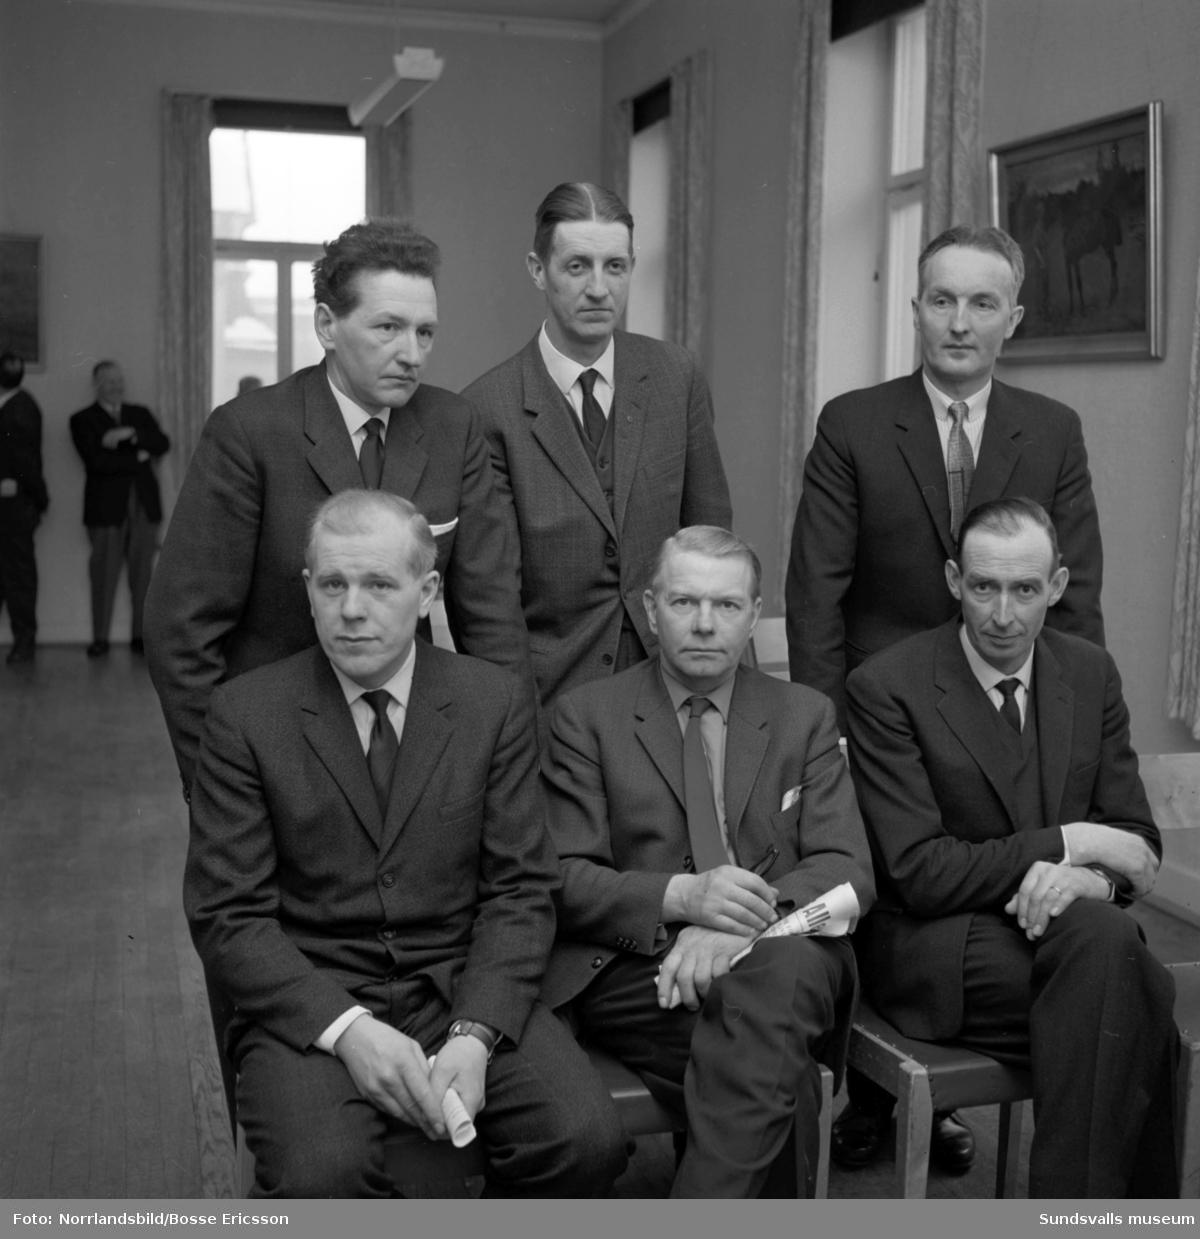 Seminföreningens årsmöte på W6.